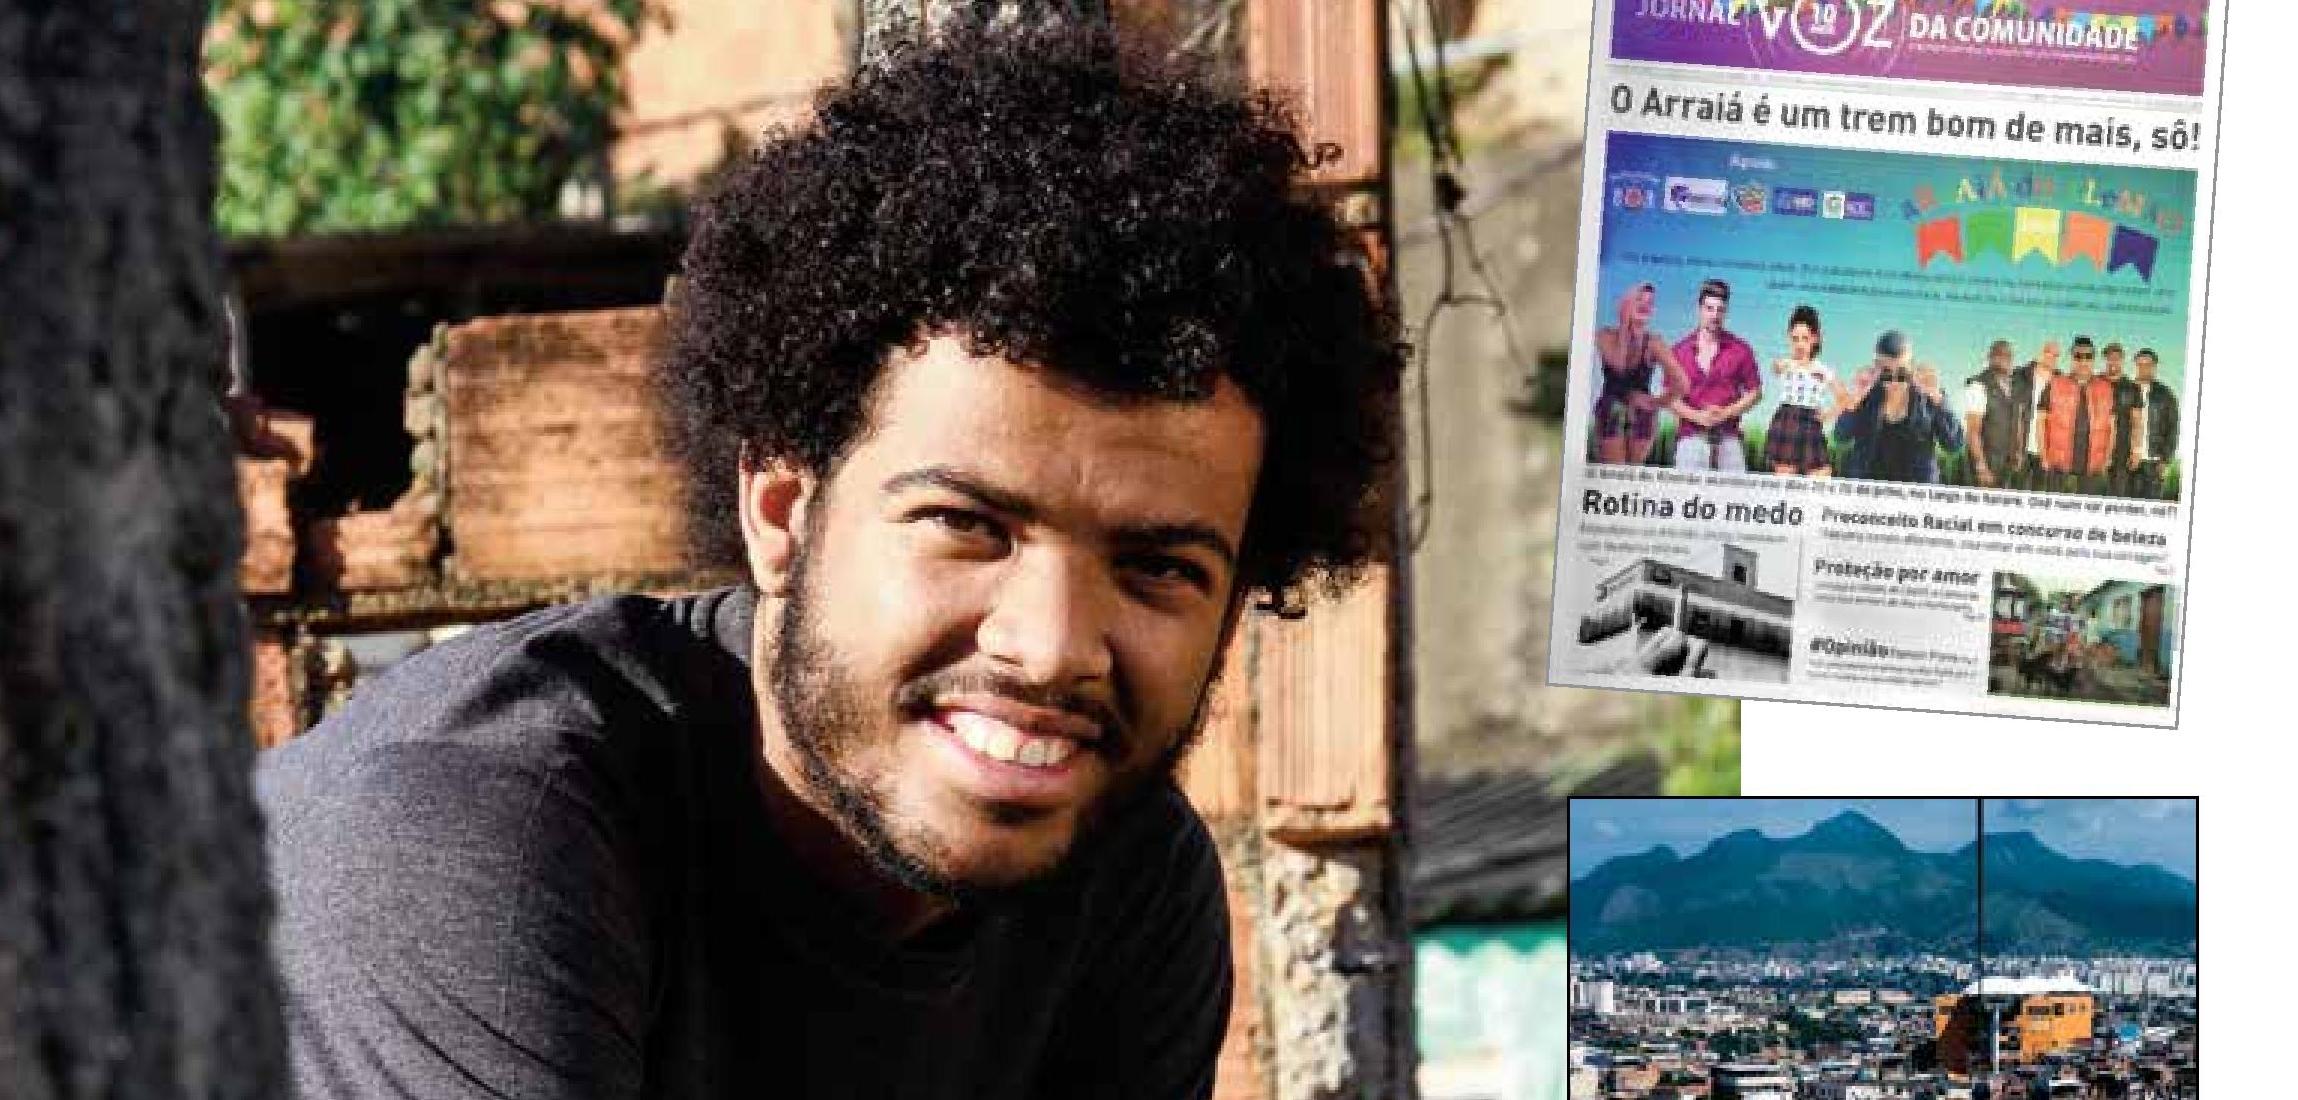 Fundador do Voz da Comunidade é cotado como um dos 4 jovens que vão mudar o mundo pelo Jornal The New York Times